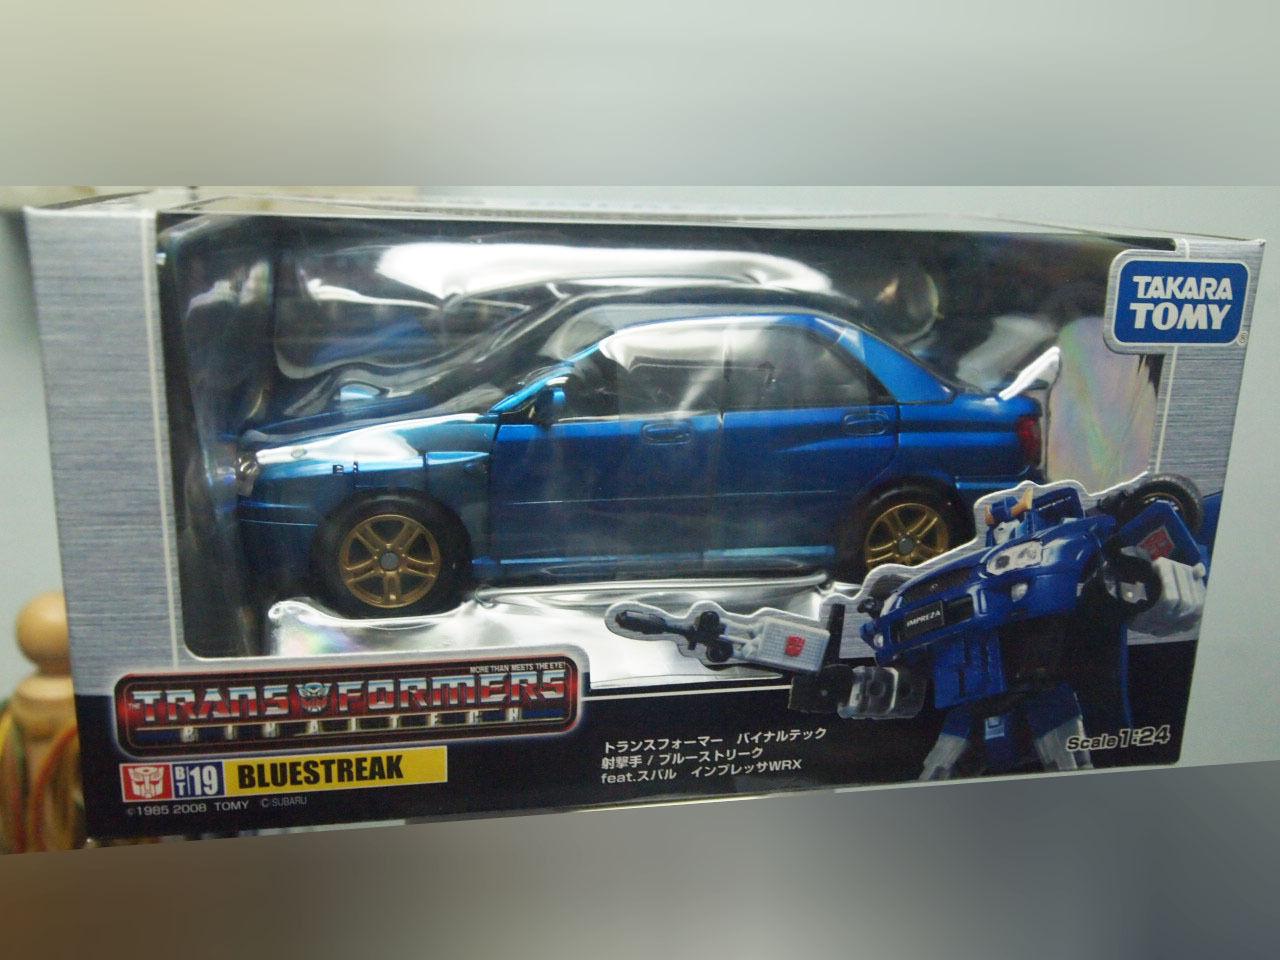 Takara BT-19 Transformers Binaltech blustreak Subaru Impreza WRX Gunner New